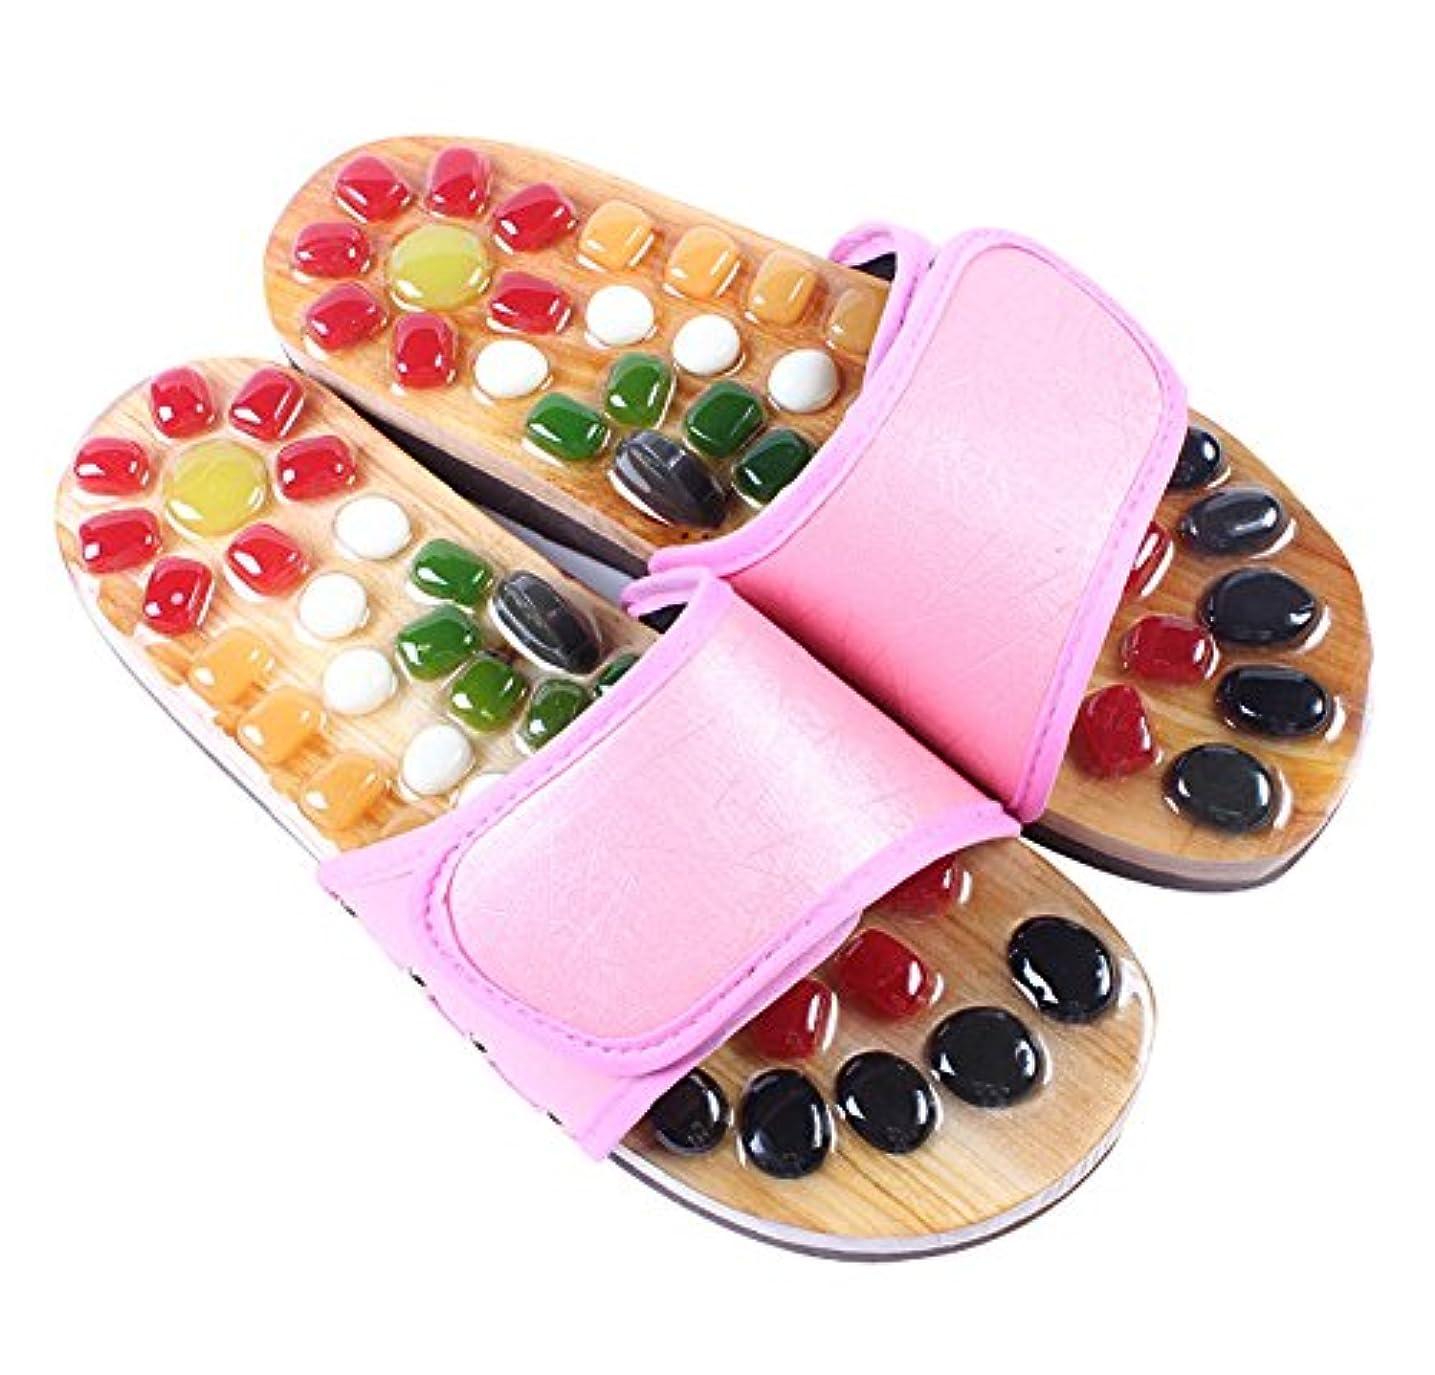 カブ返済路面電車女性のマッサージ家庭用スリッパコットストーンフットスリッパUS7.5、ピンク